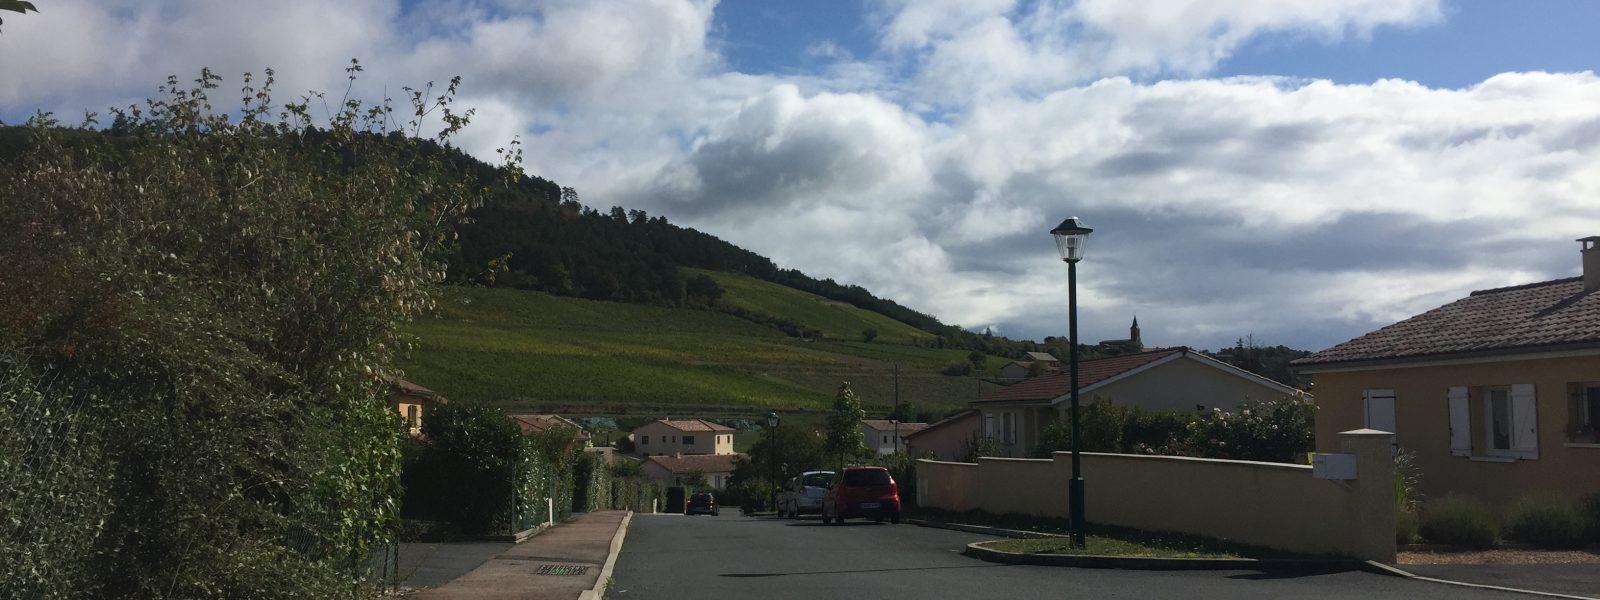 LES ARGUILLONS - Visuel 3 - Impact immobilier 01